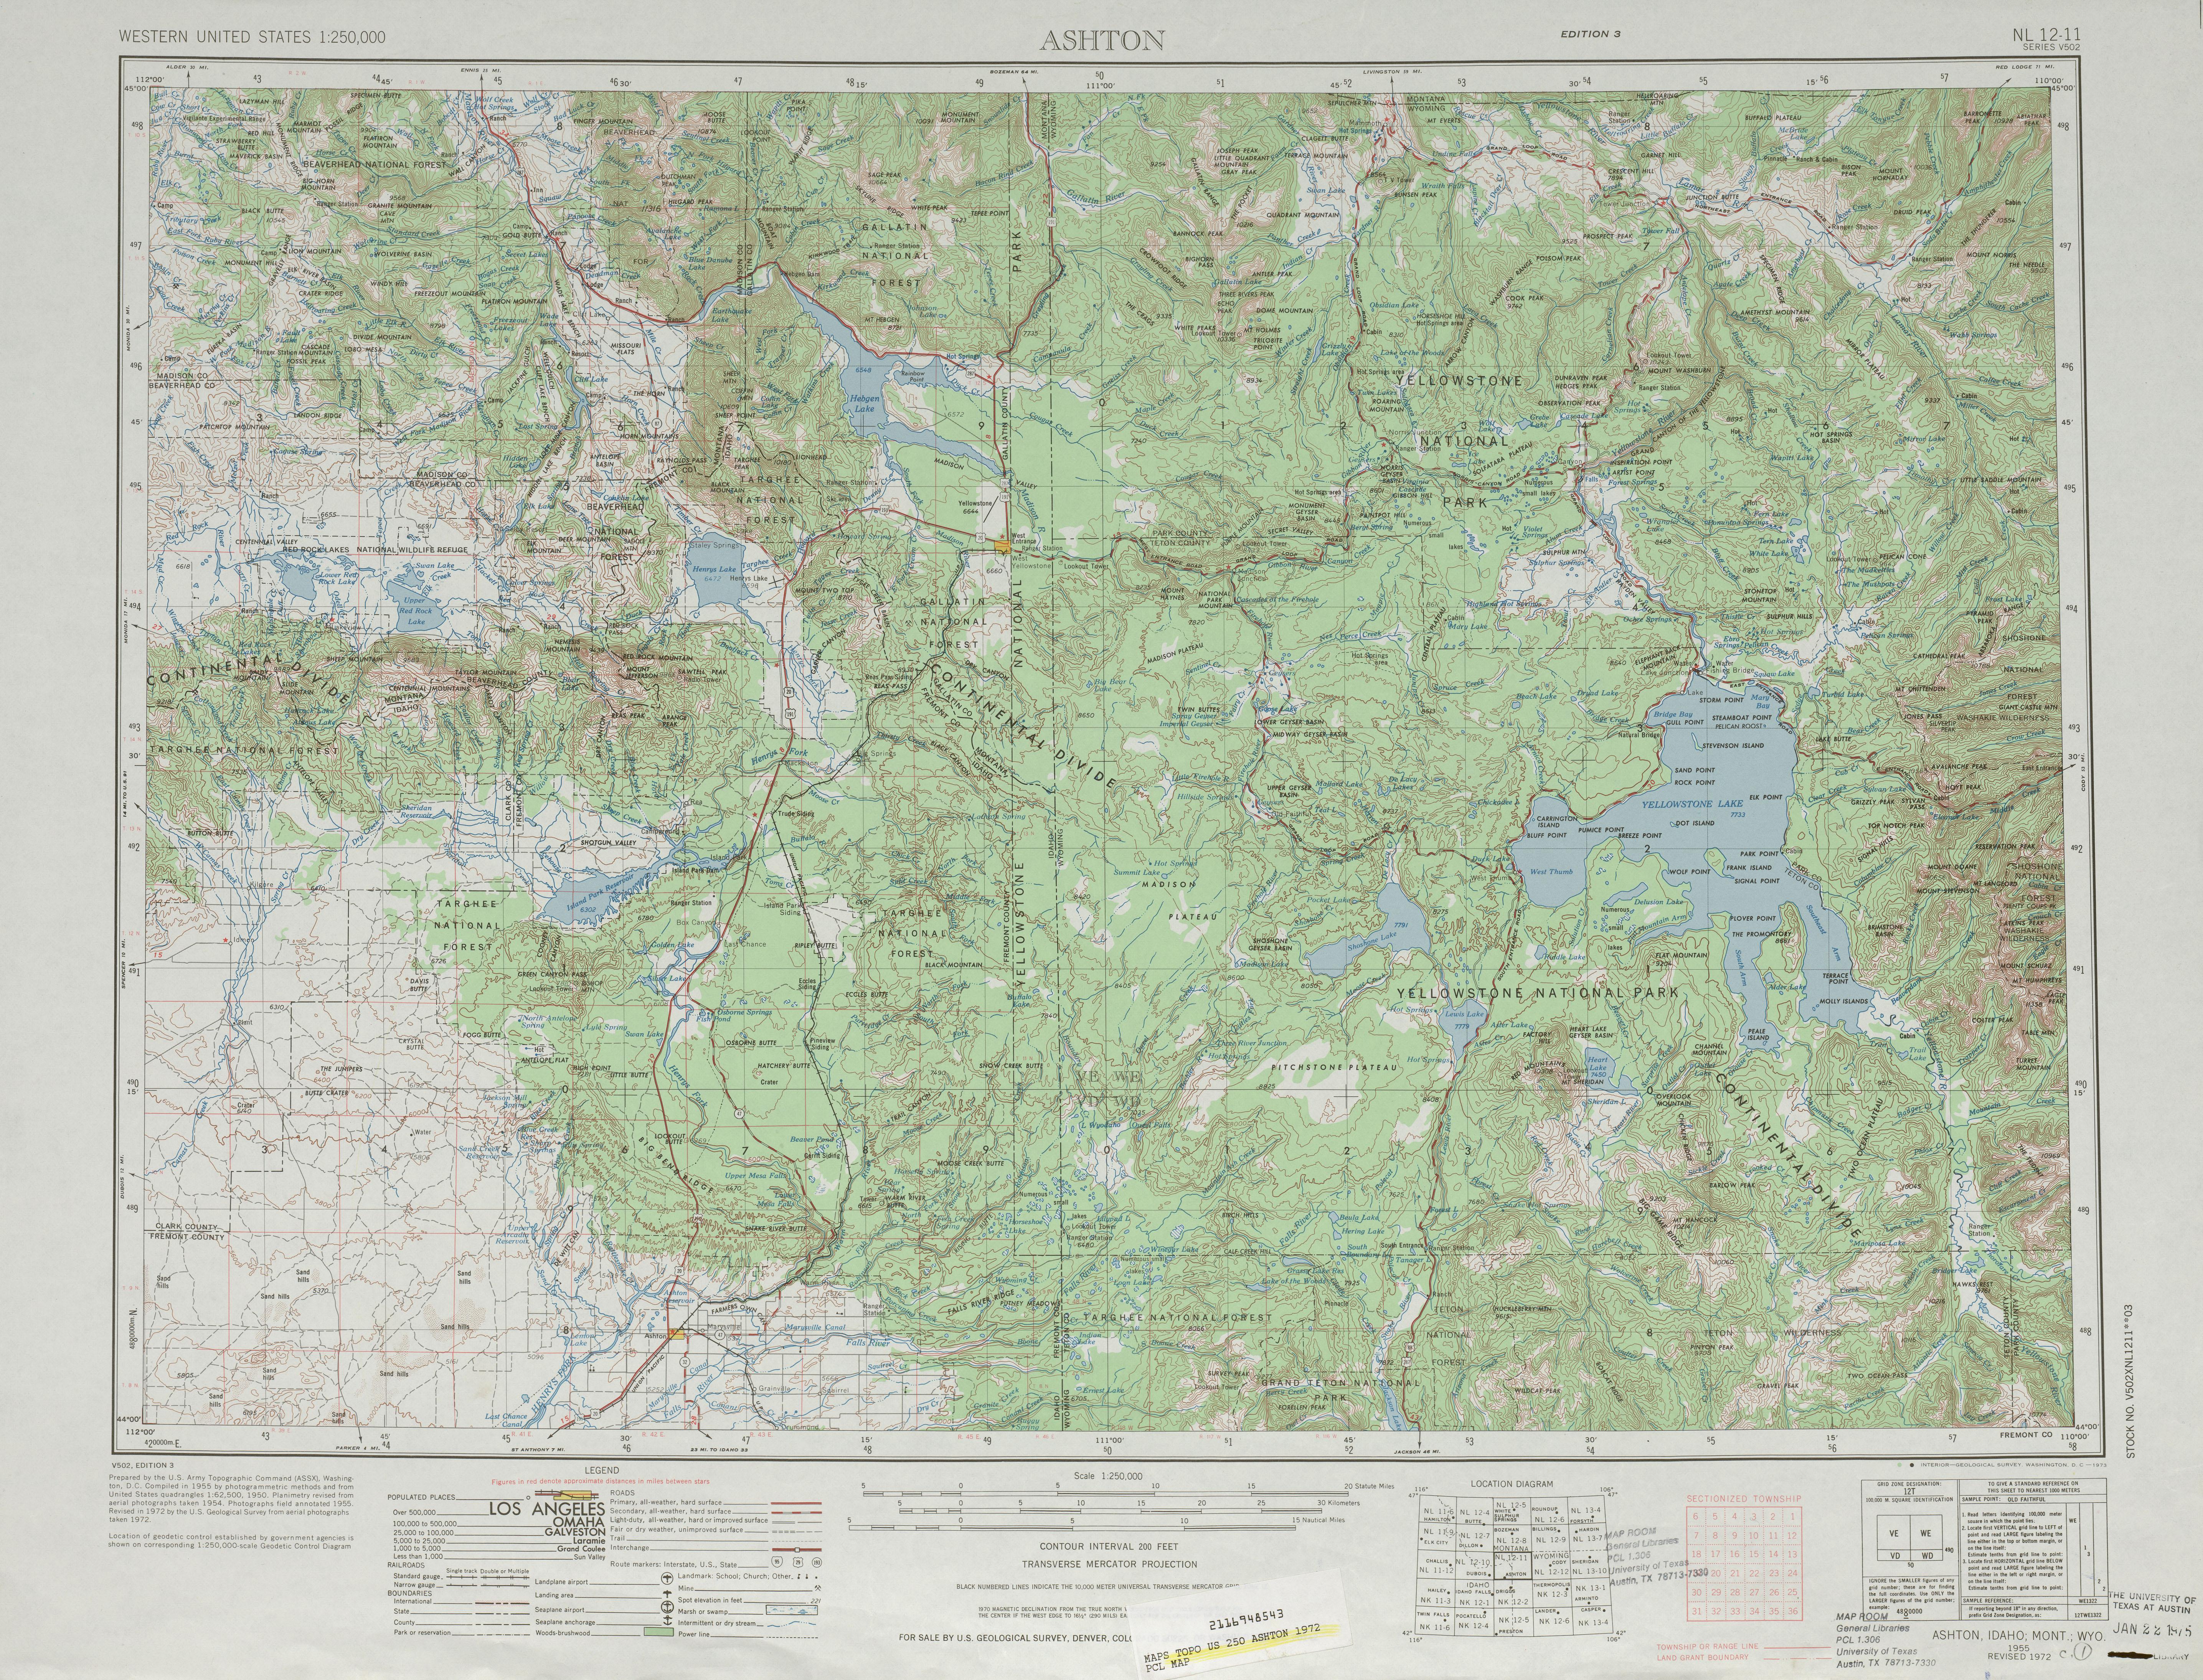 Hoja Ashton del Mapa Topográfico de los Estados Unidos 1972